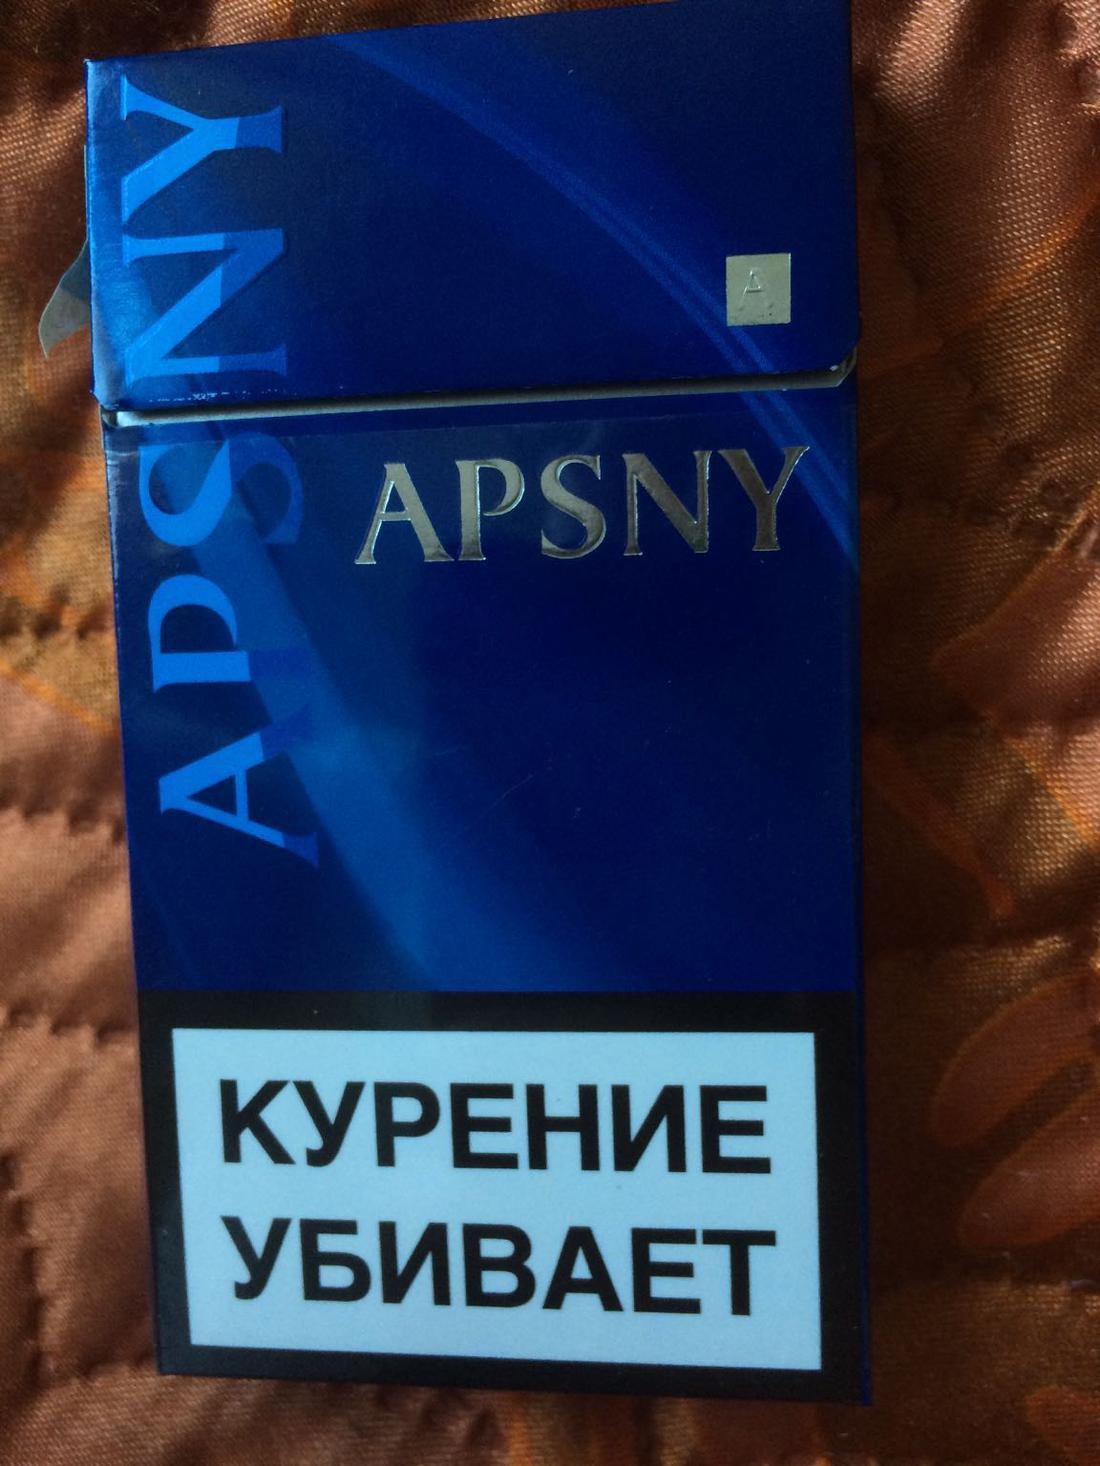 Apsny сигареты купить заказать жвачки в виде сигарет